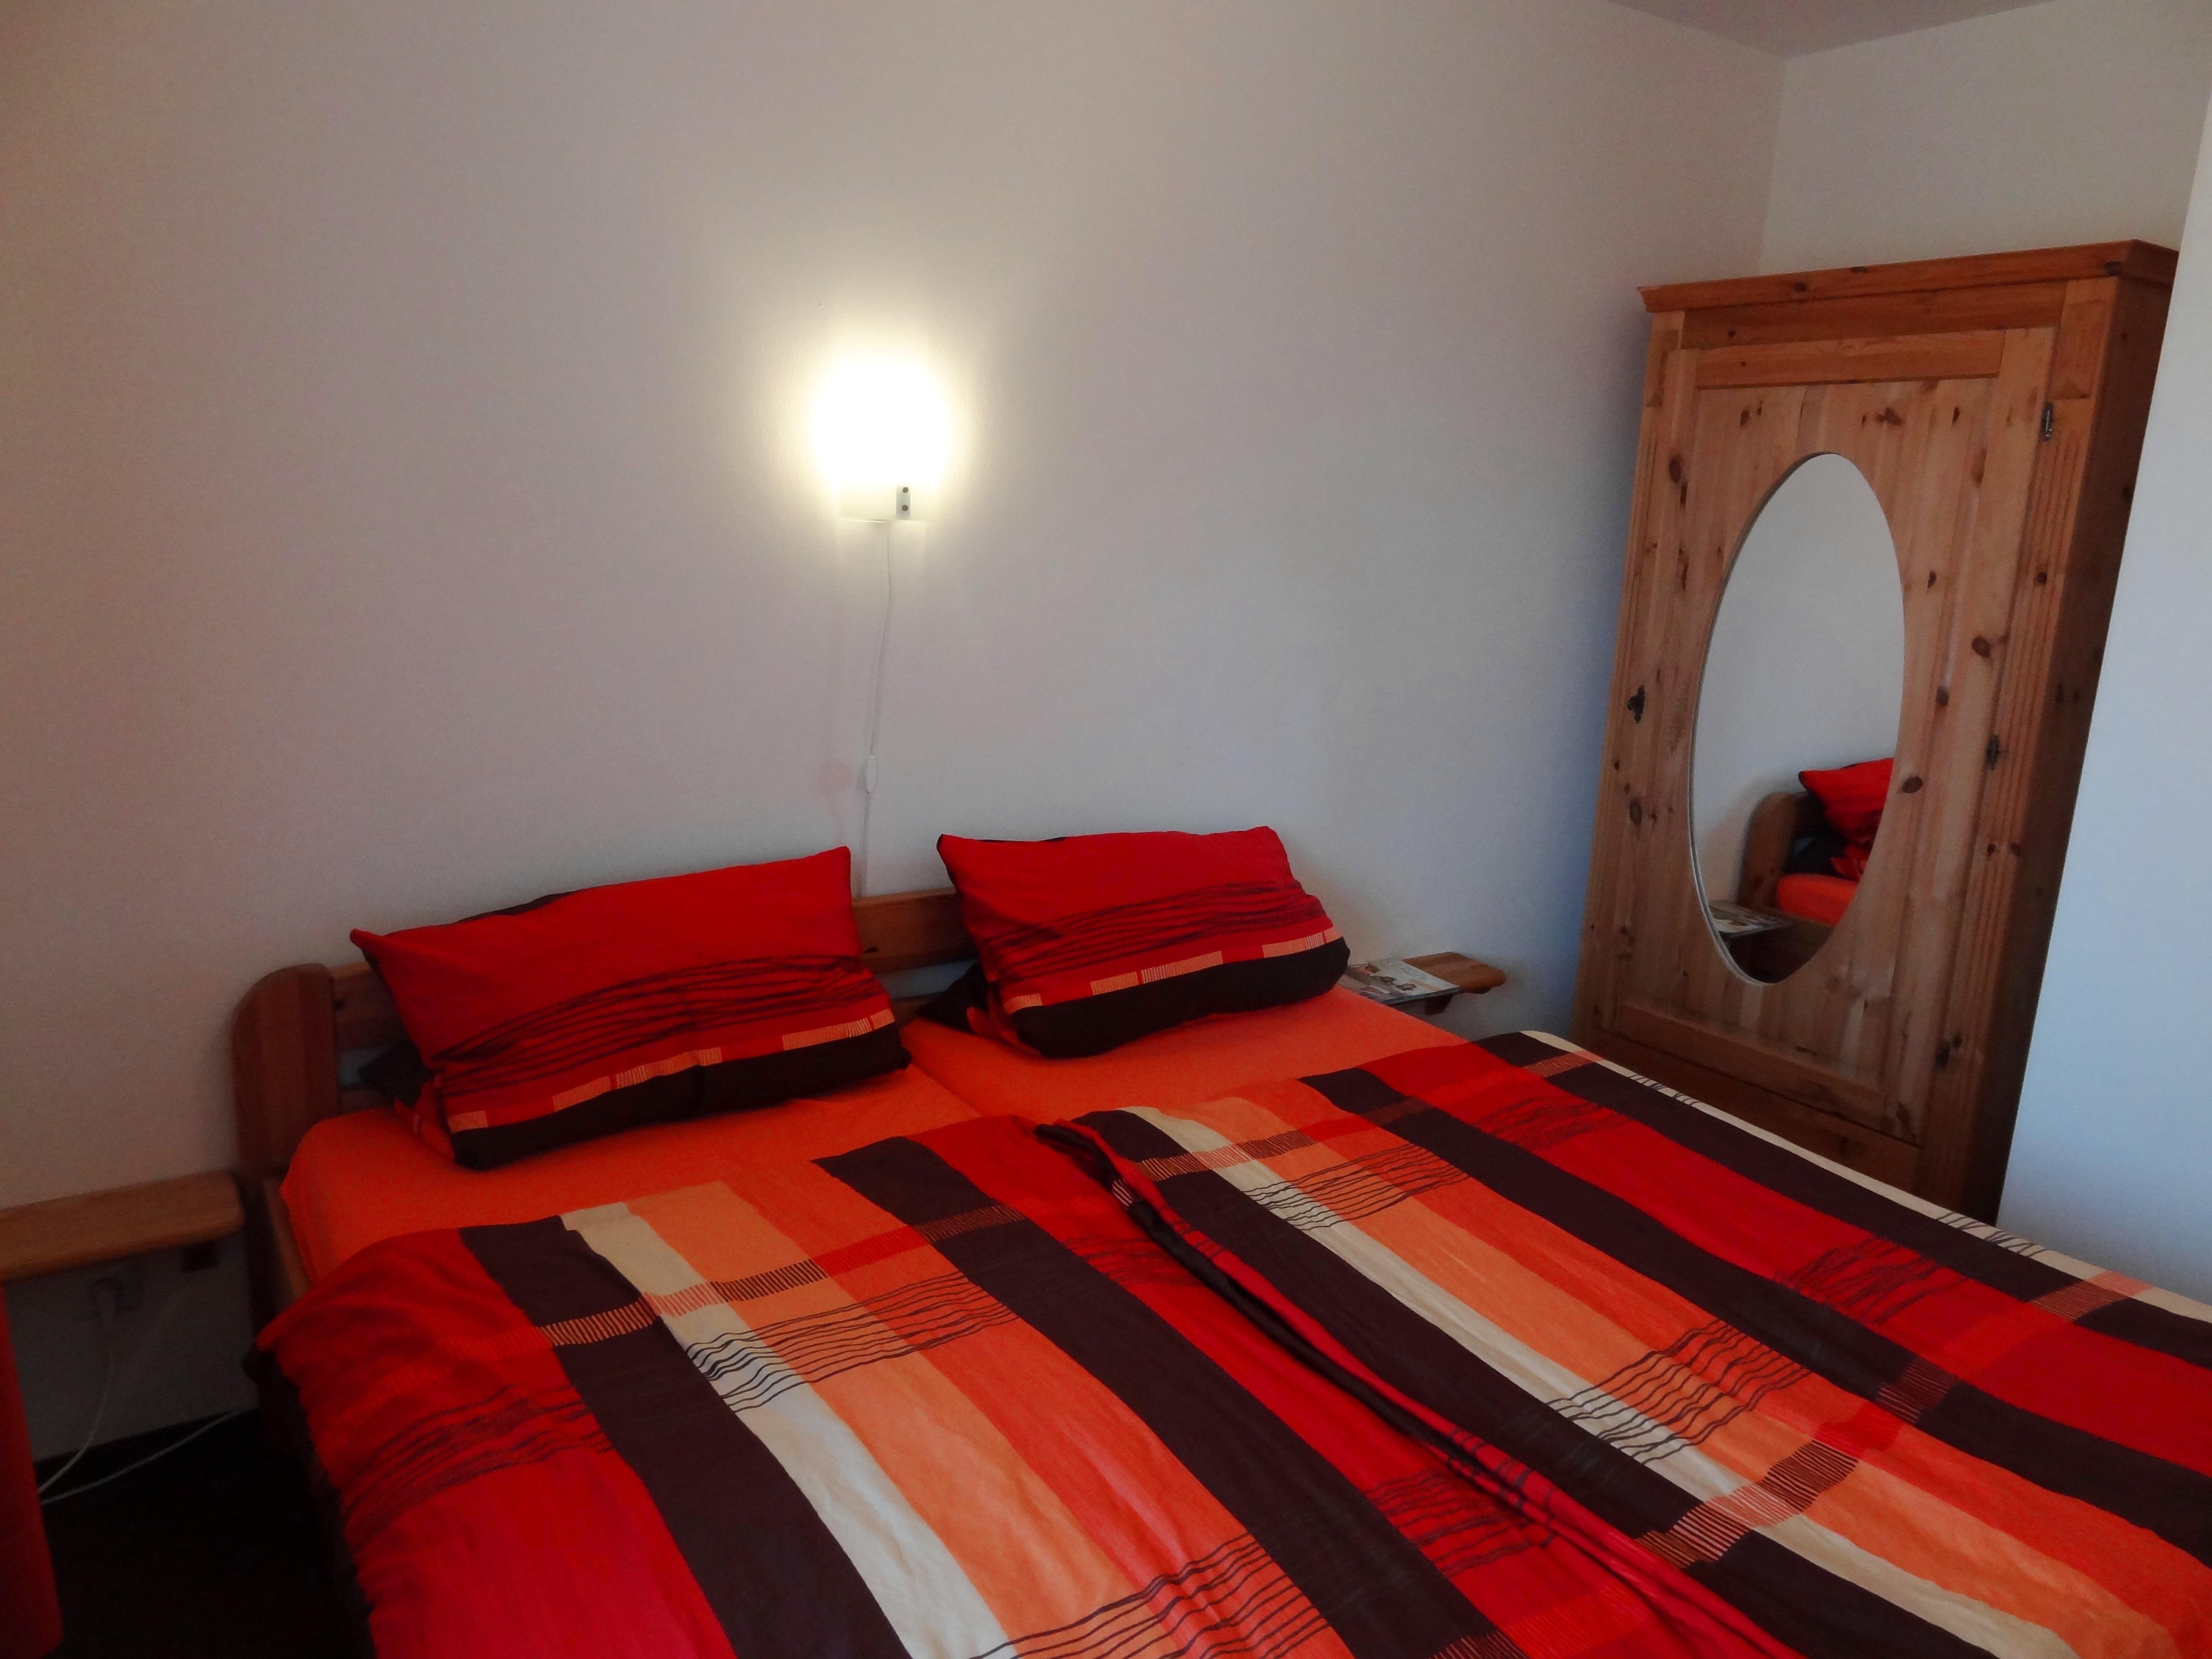 Schlafzimmer der Ferienwohnung Hagen von Ferienwohnungen Hass auf Fehmarn